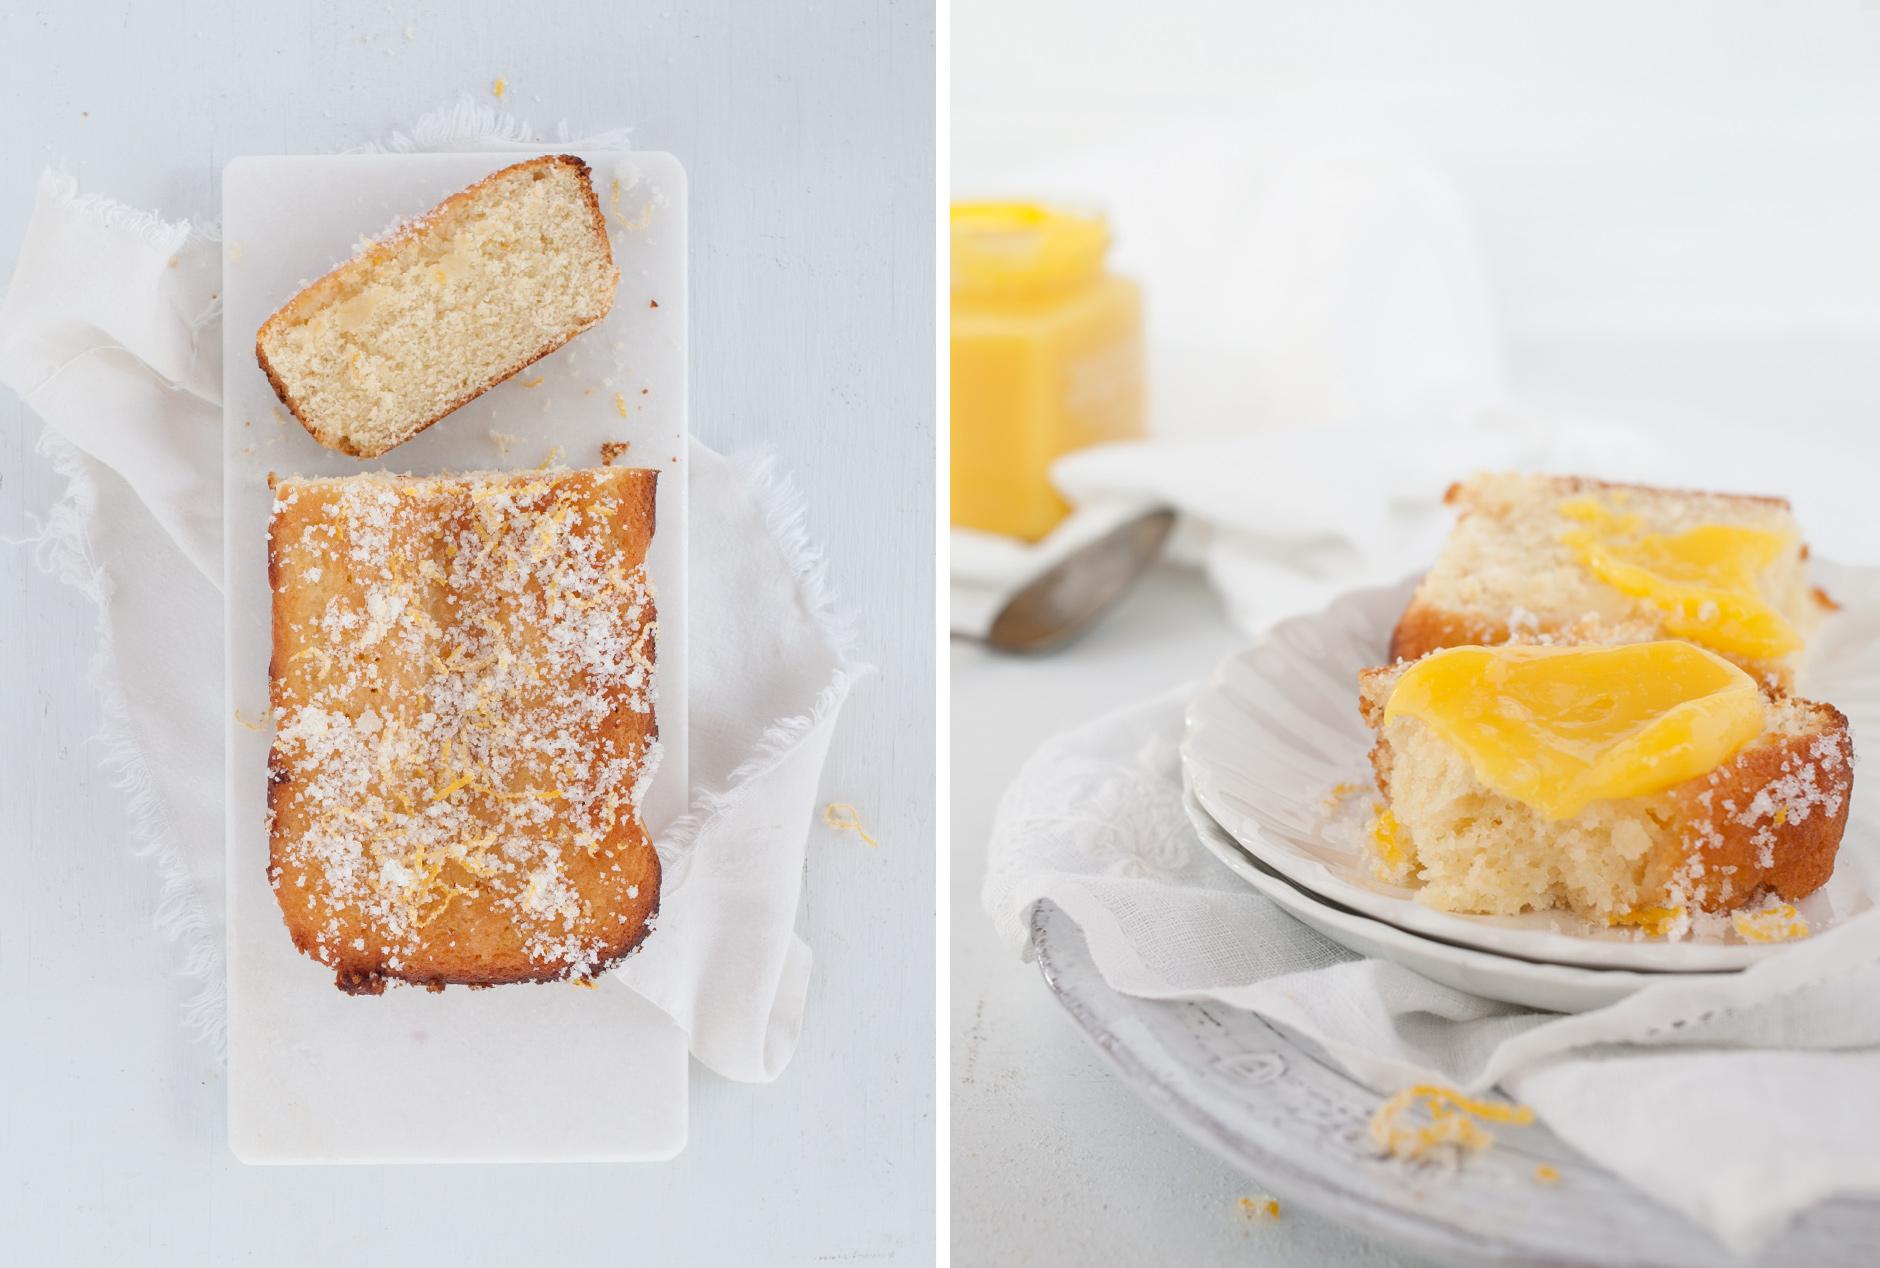 lemon_loaf_food_photography_5.jpg